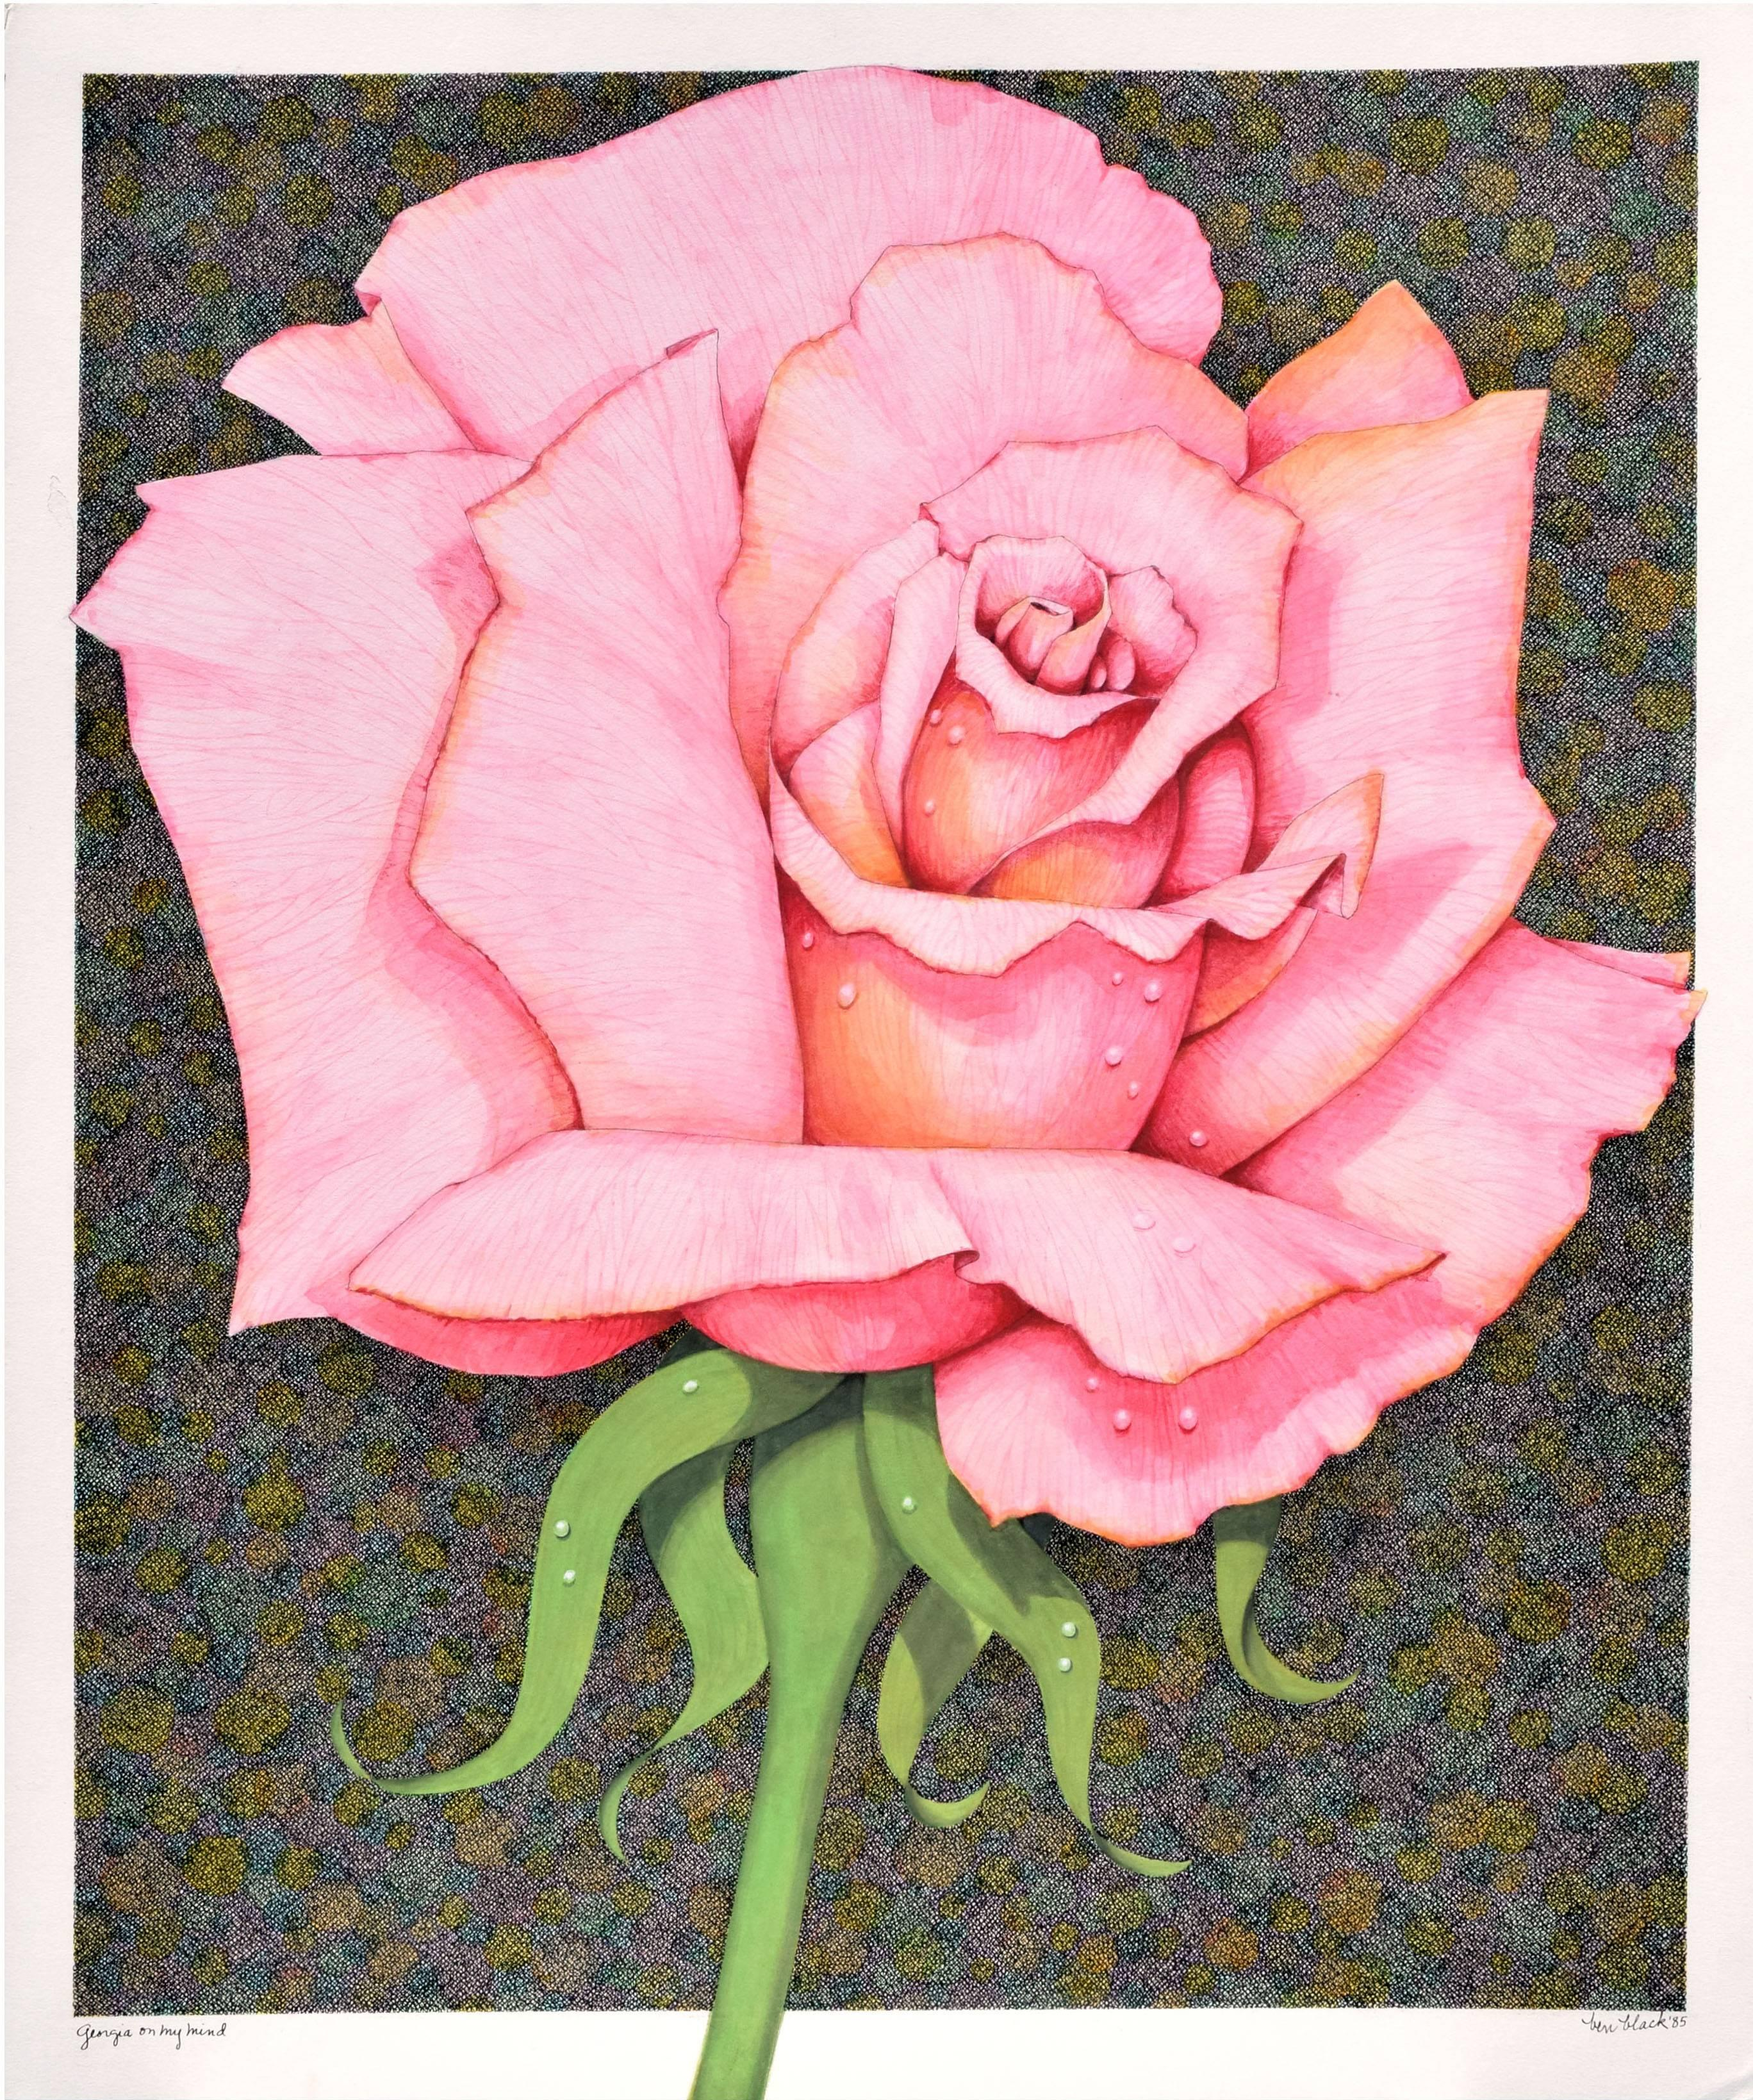 """""""Georgia On My Mind"""" - Pink Rose Illustration"""